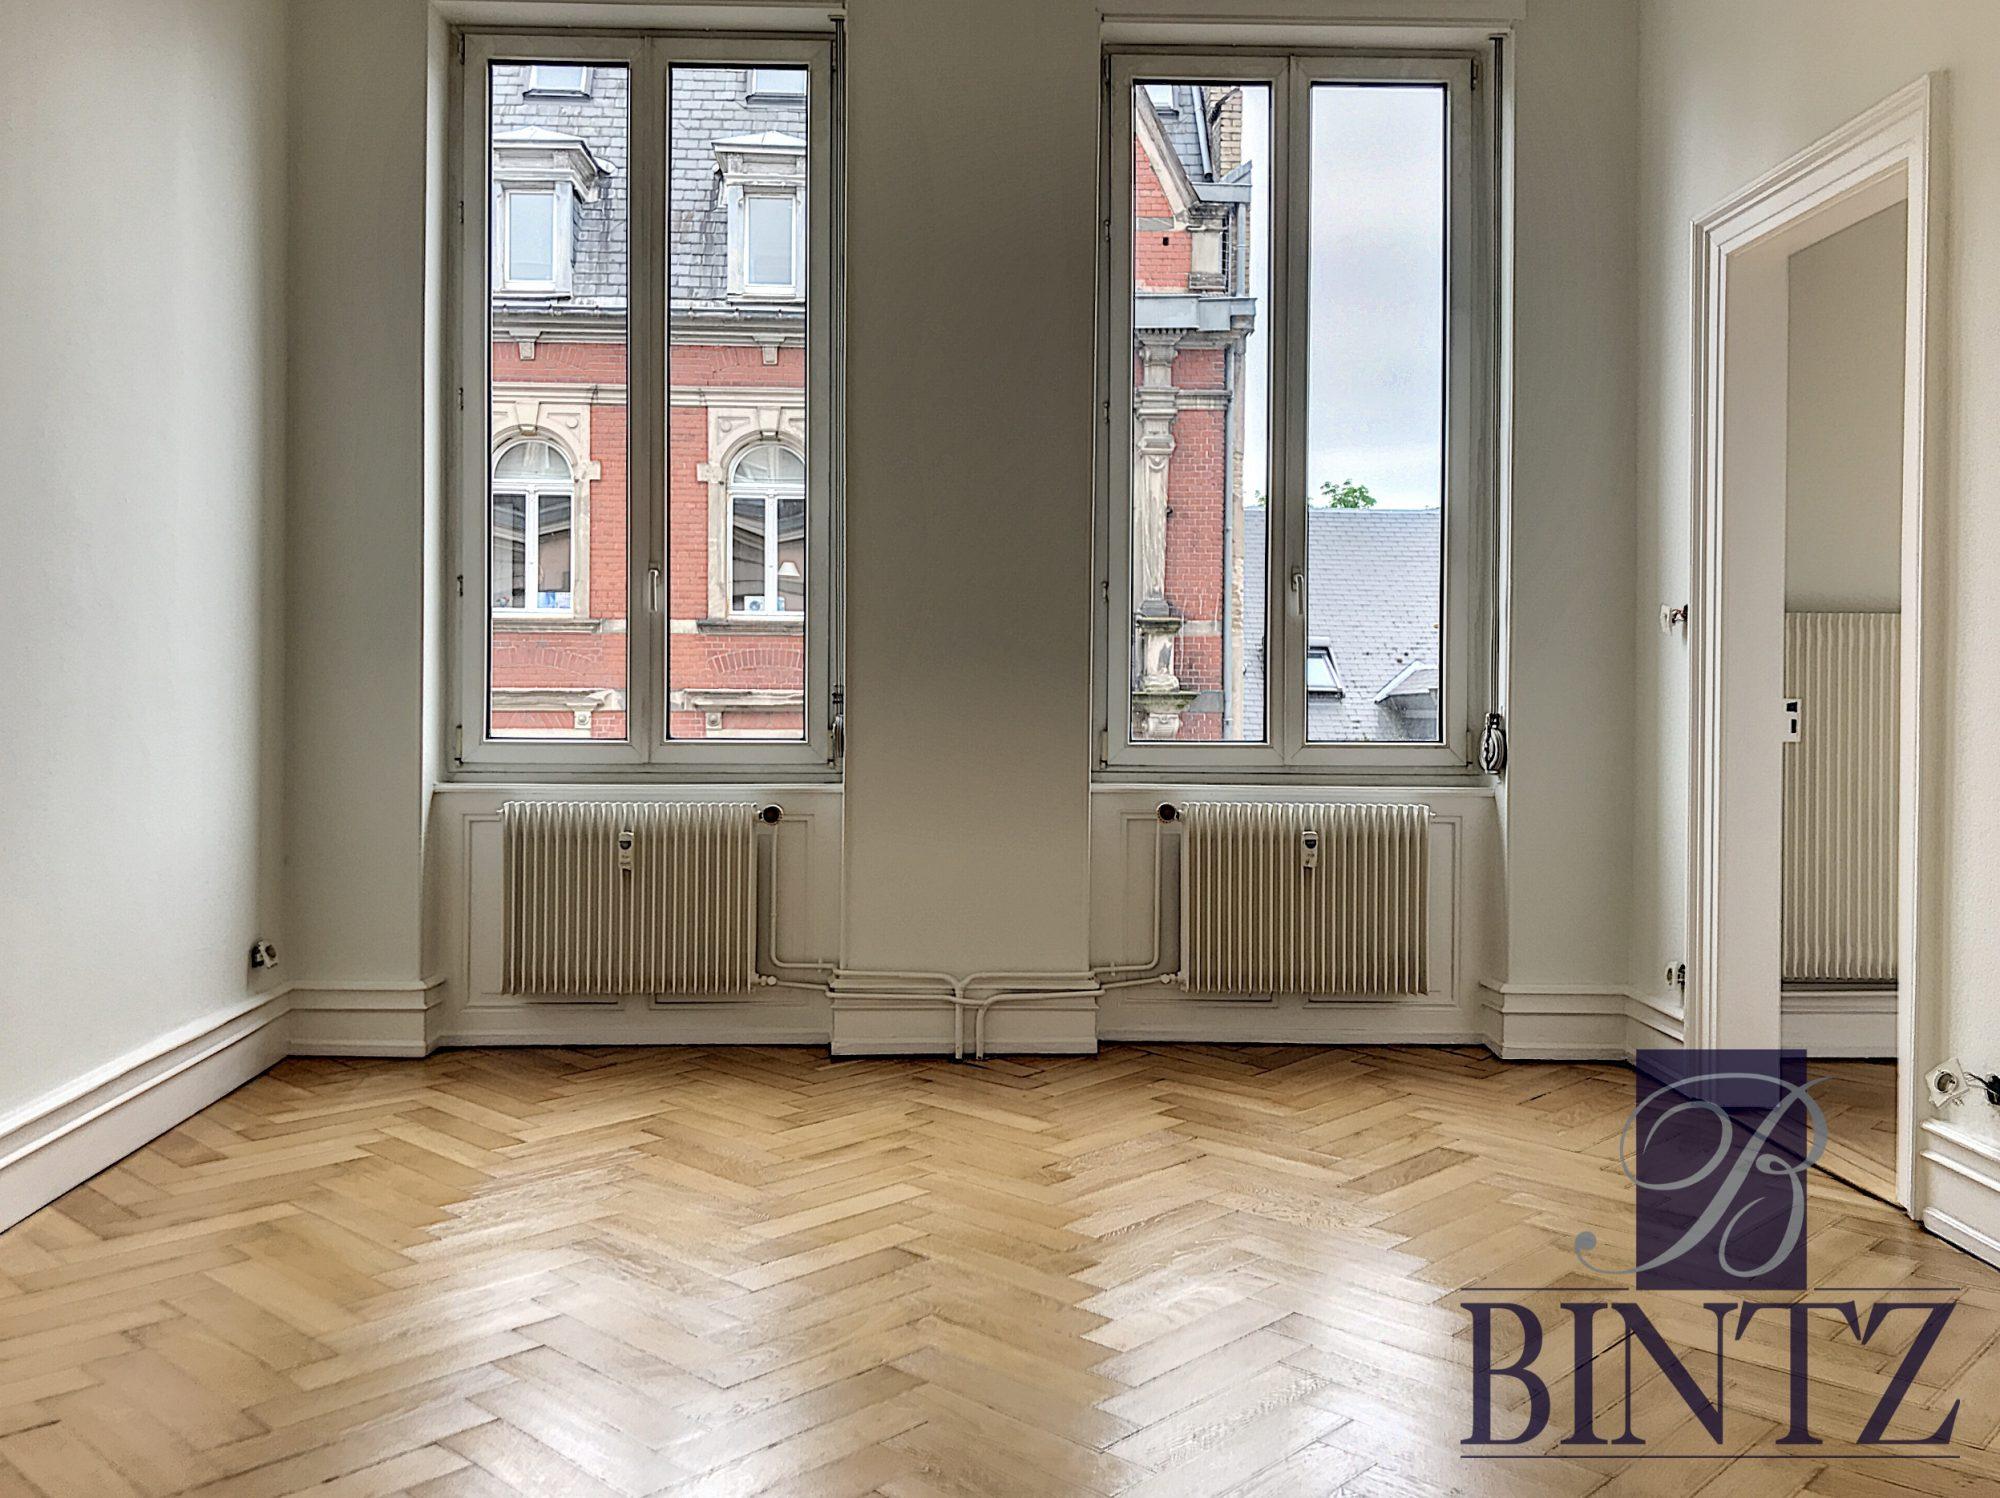 BEAU 3 PIÈCES SECTEUR FORET NOIRE - Devenez locataire en toute sérénité - Bintz Immobilier - 4